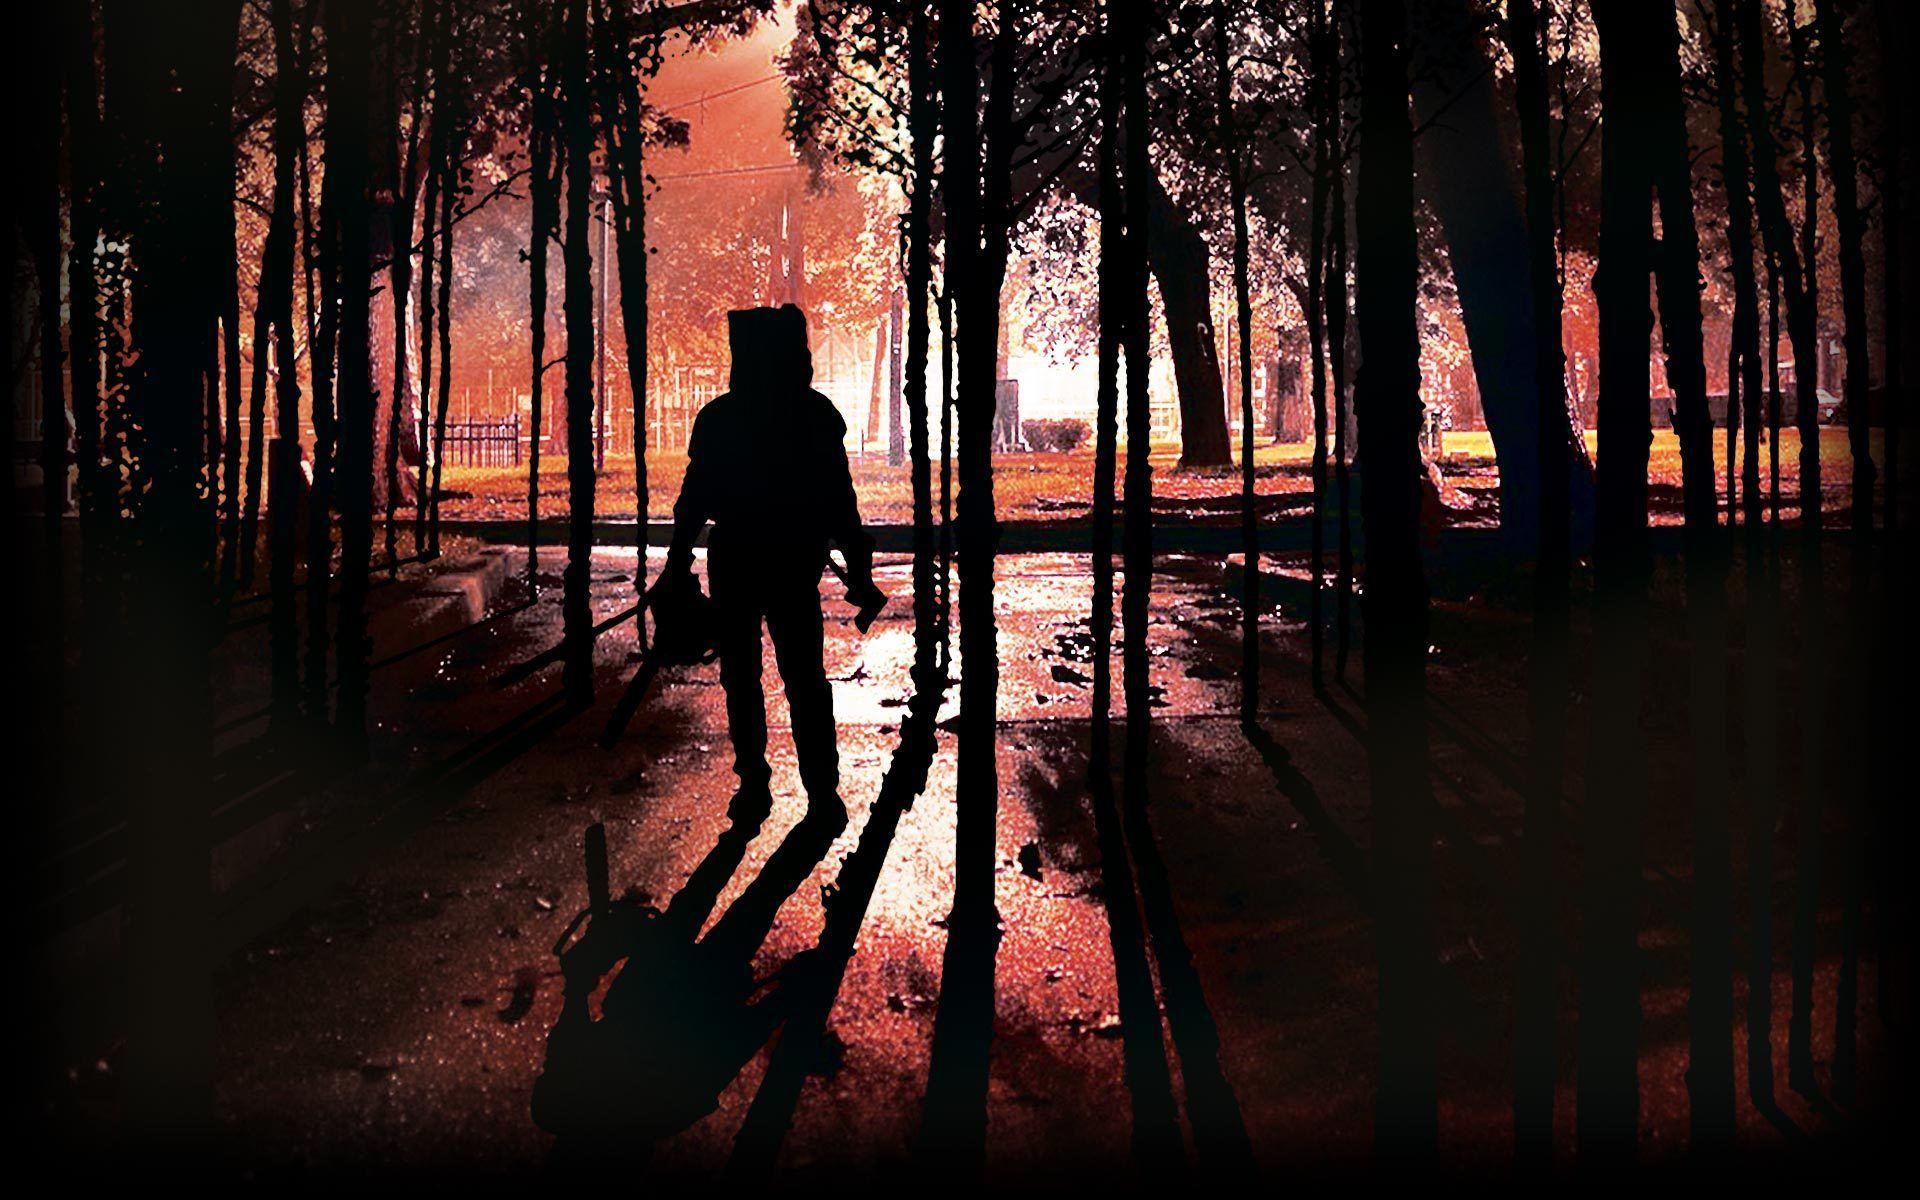 Resident Evil 4 Biohazard 4 Background RE4 Cover Artjpg 1920x1200